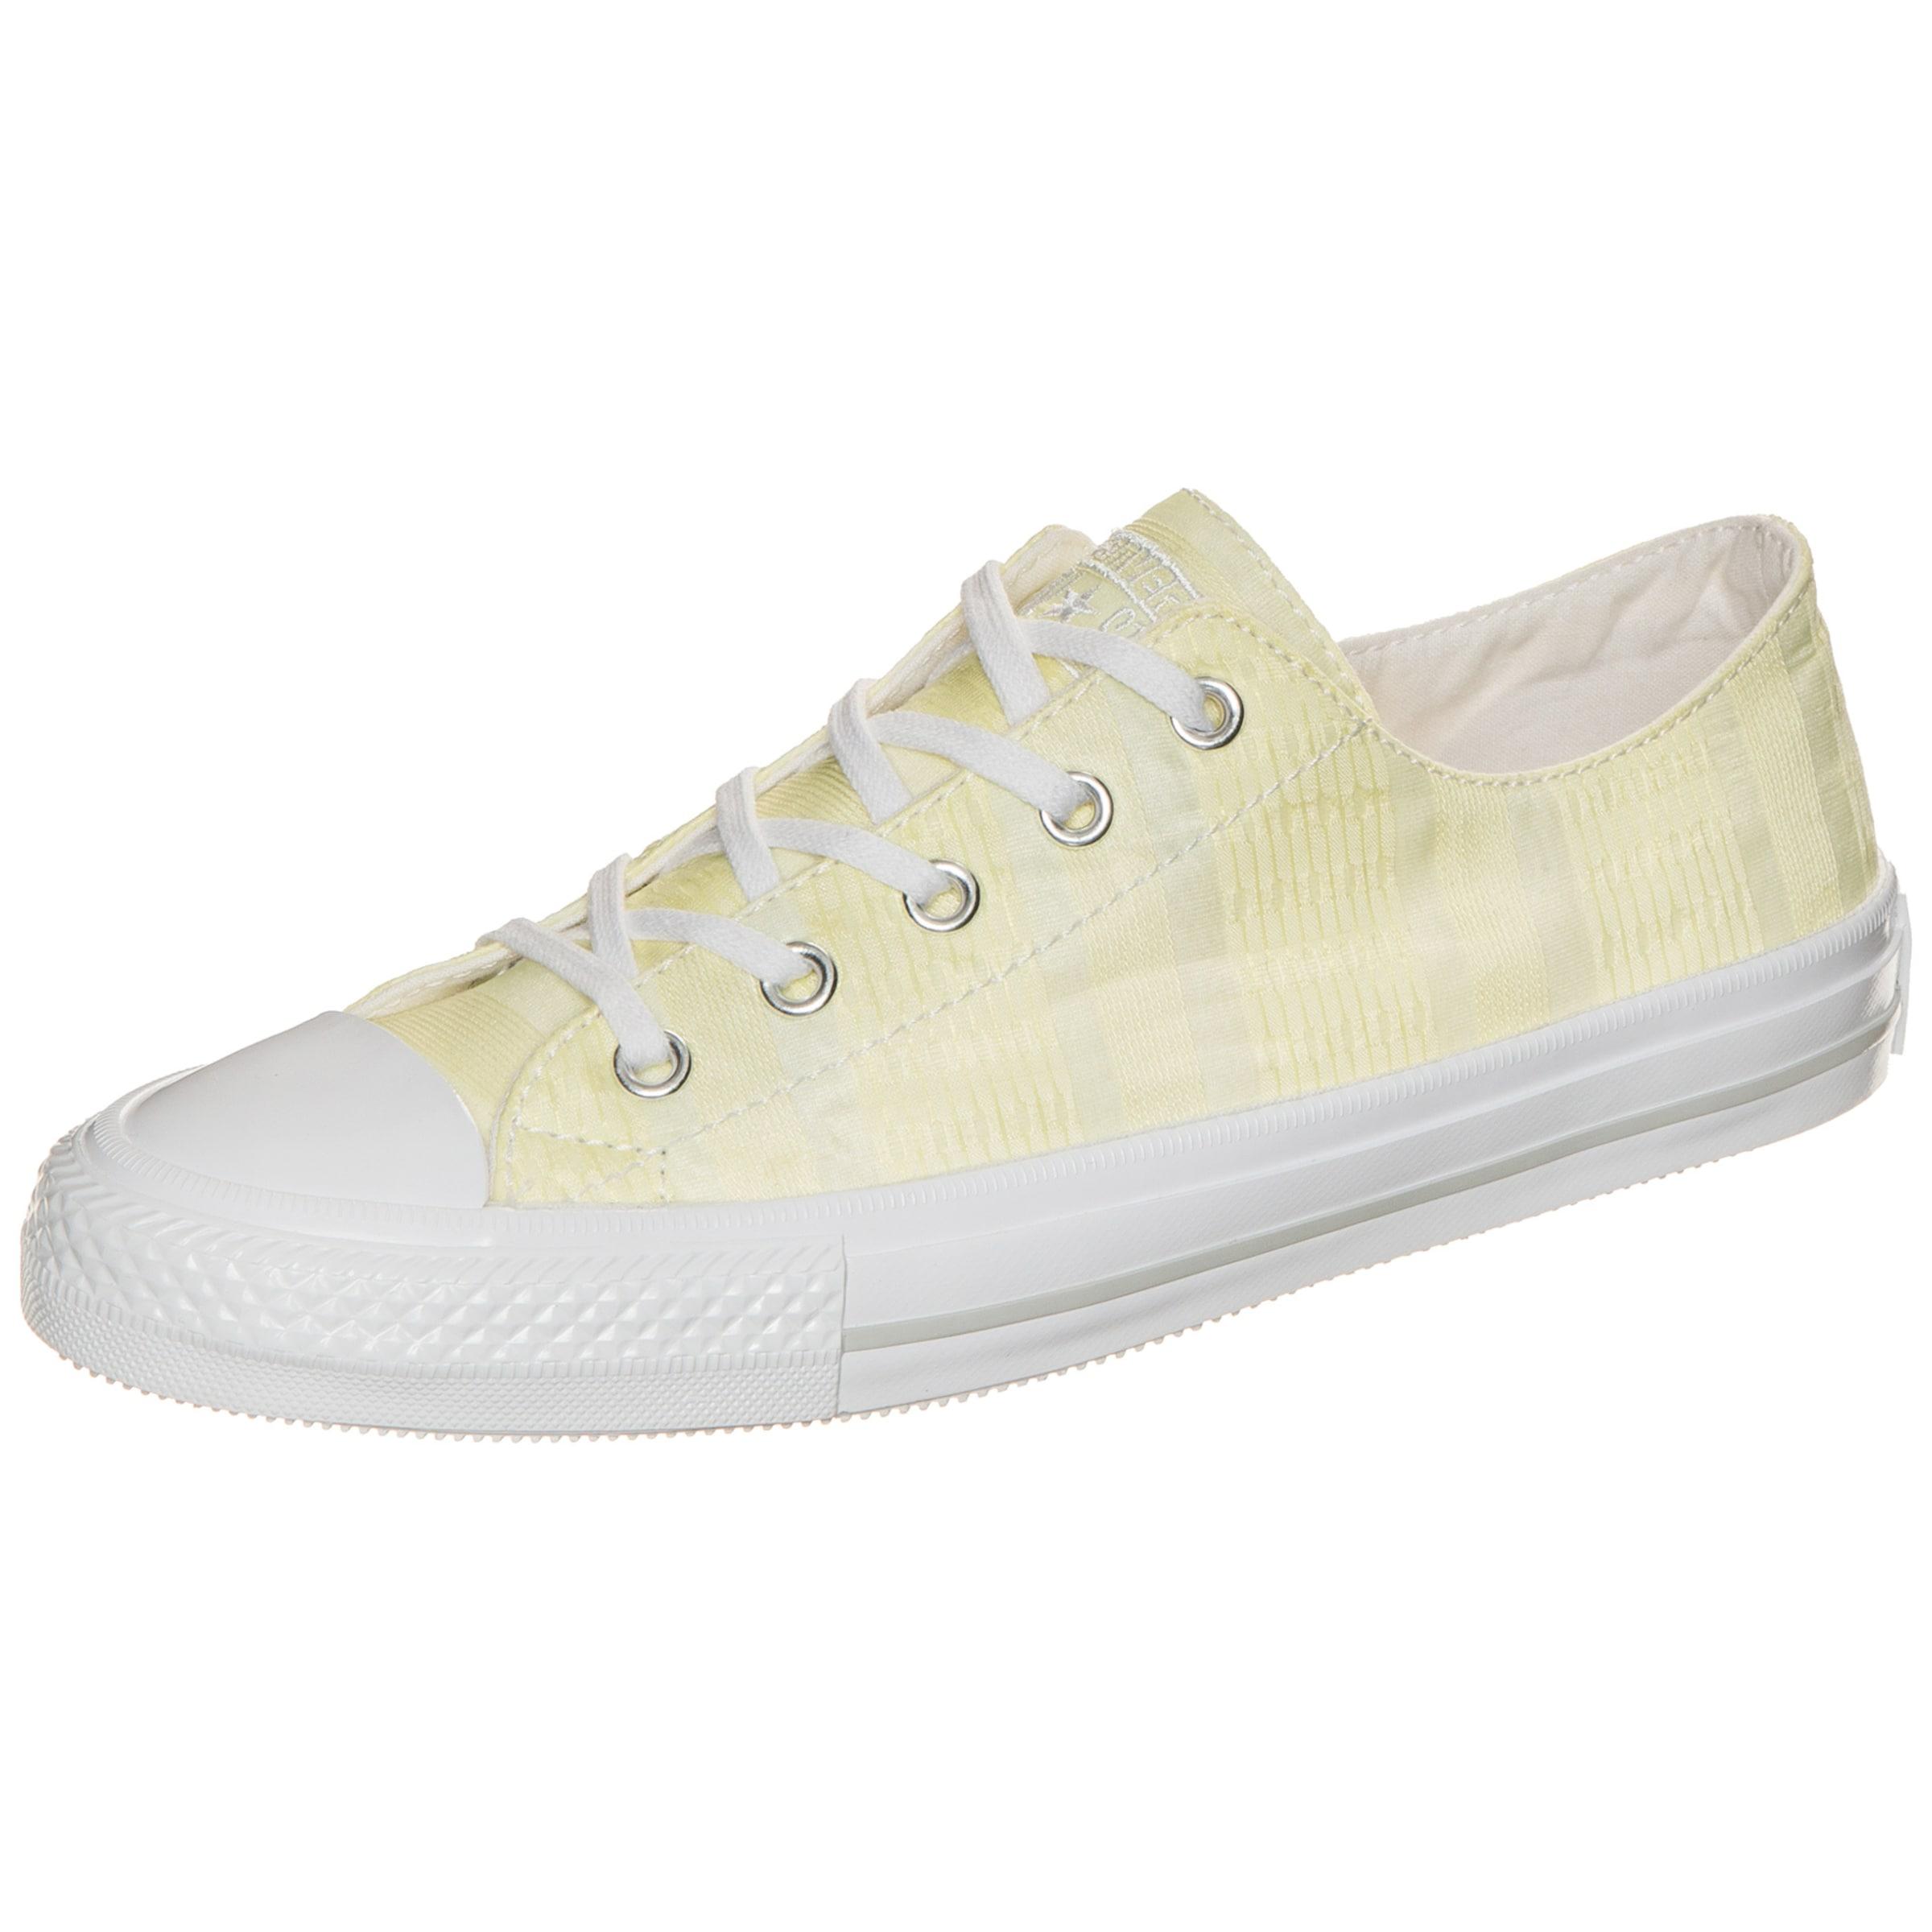 CONVERSE |  Chuck Taylor All Star Gemma OX  Sneaker